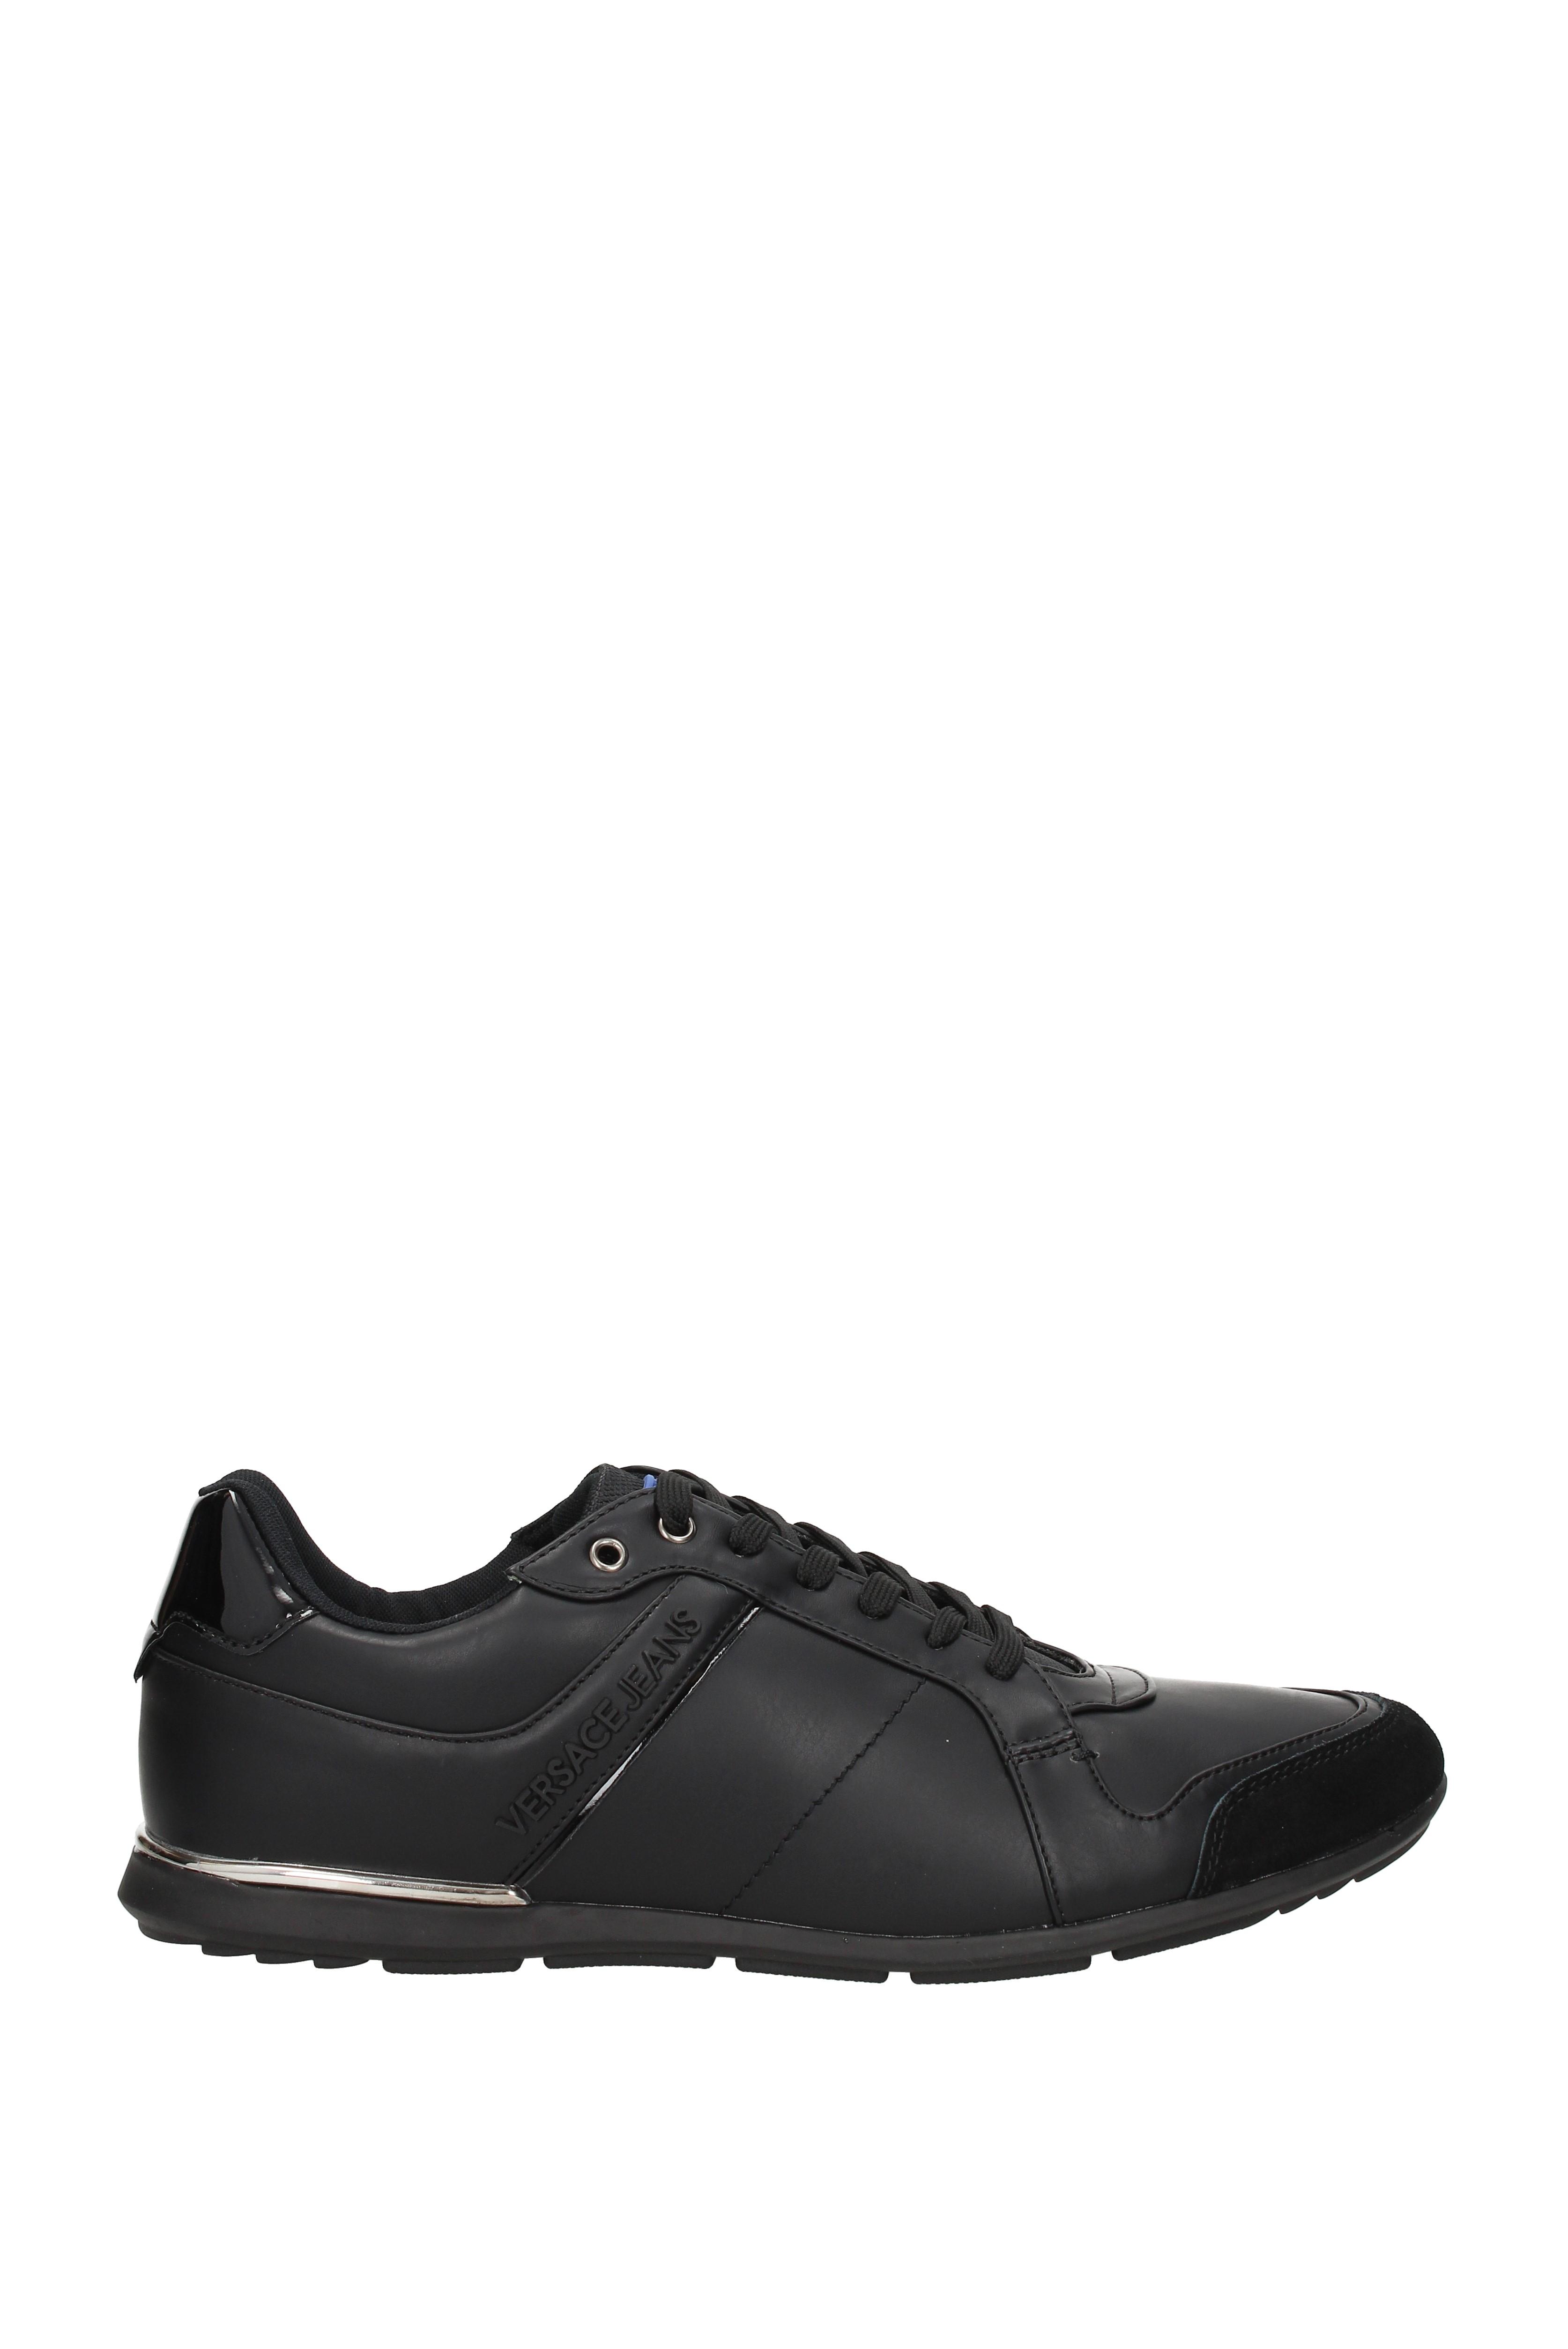 scarpe da ginnastica ginnastica ginnastica Versace Jeans Uomo-Pelle (e 0 ysbsb 170751) 8d83e5